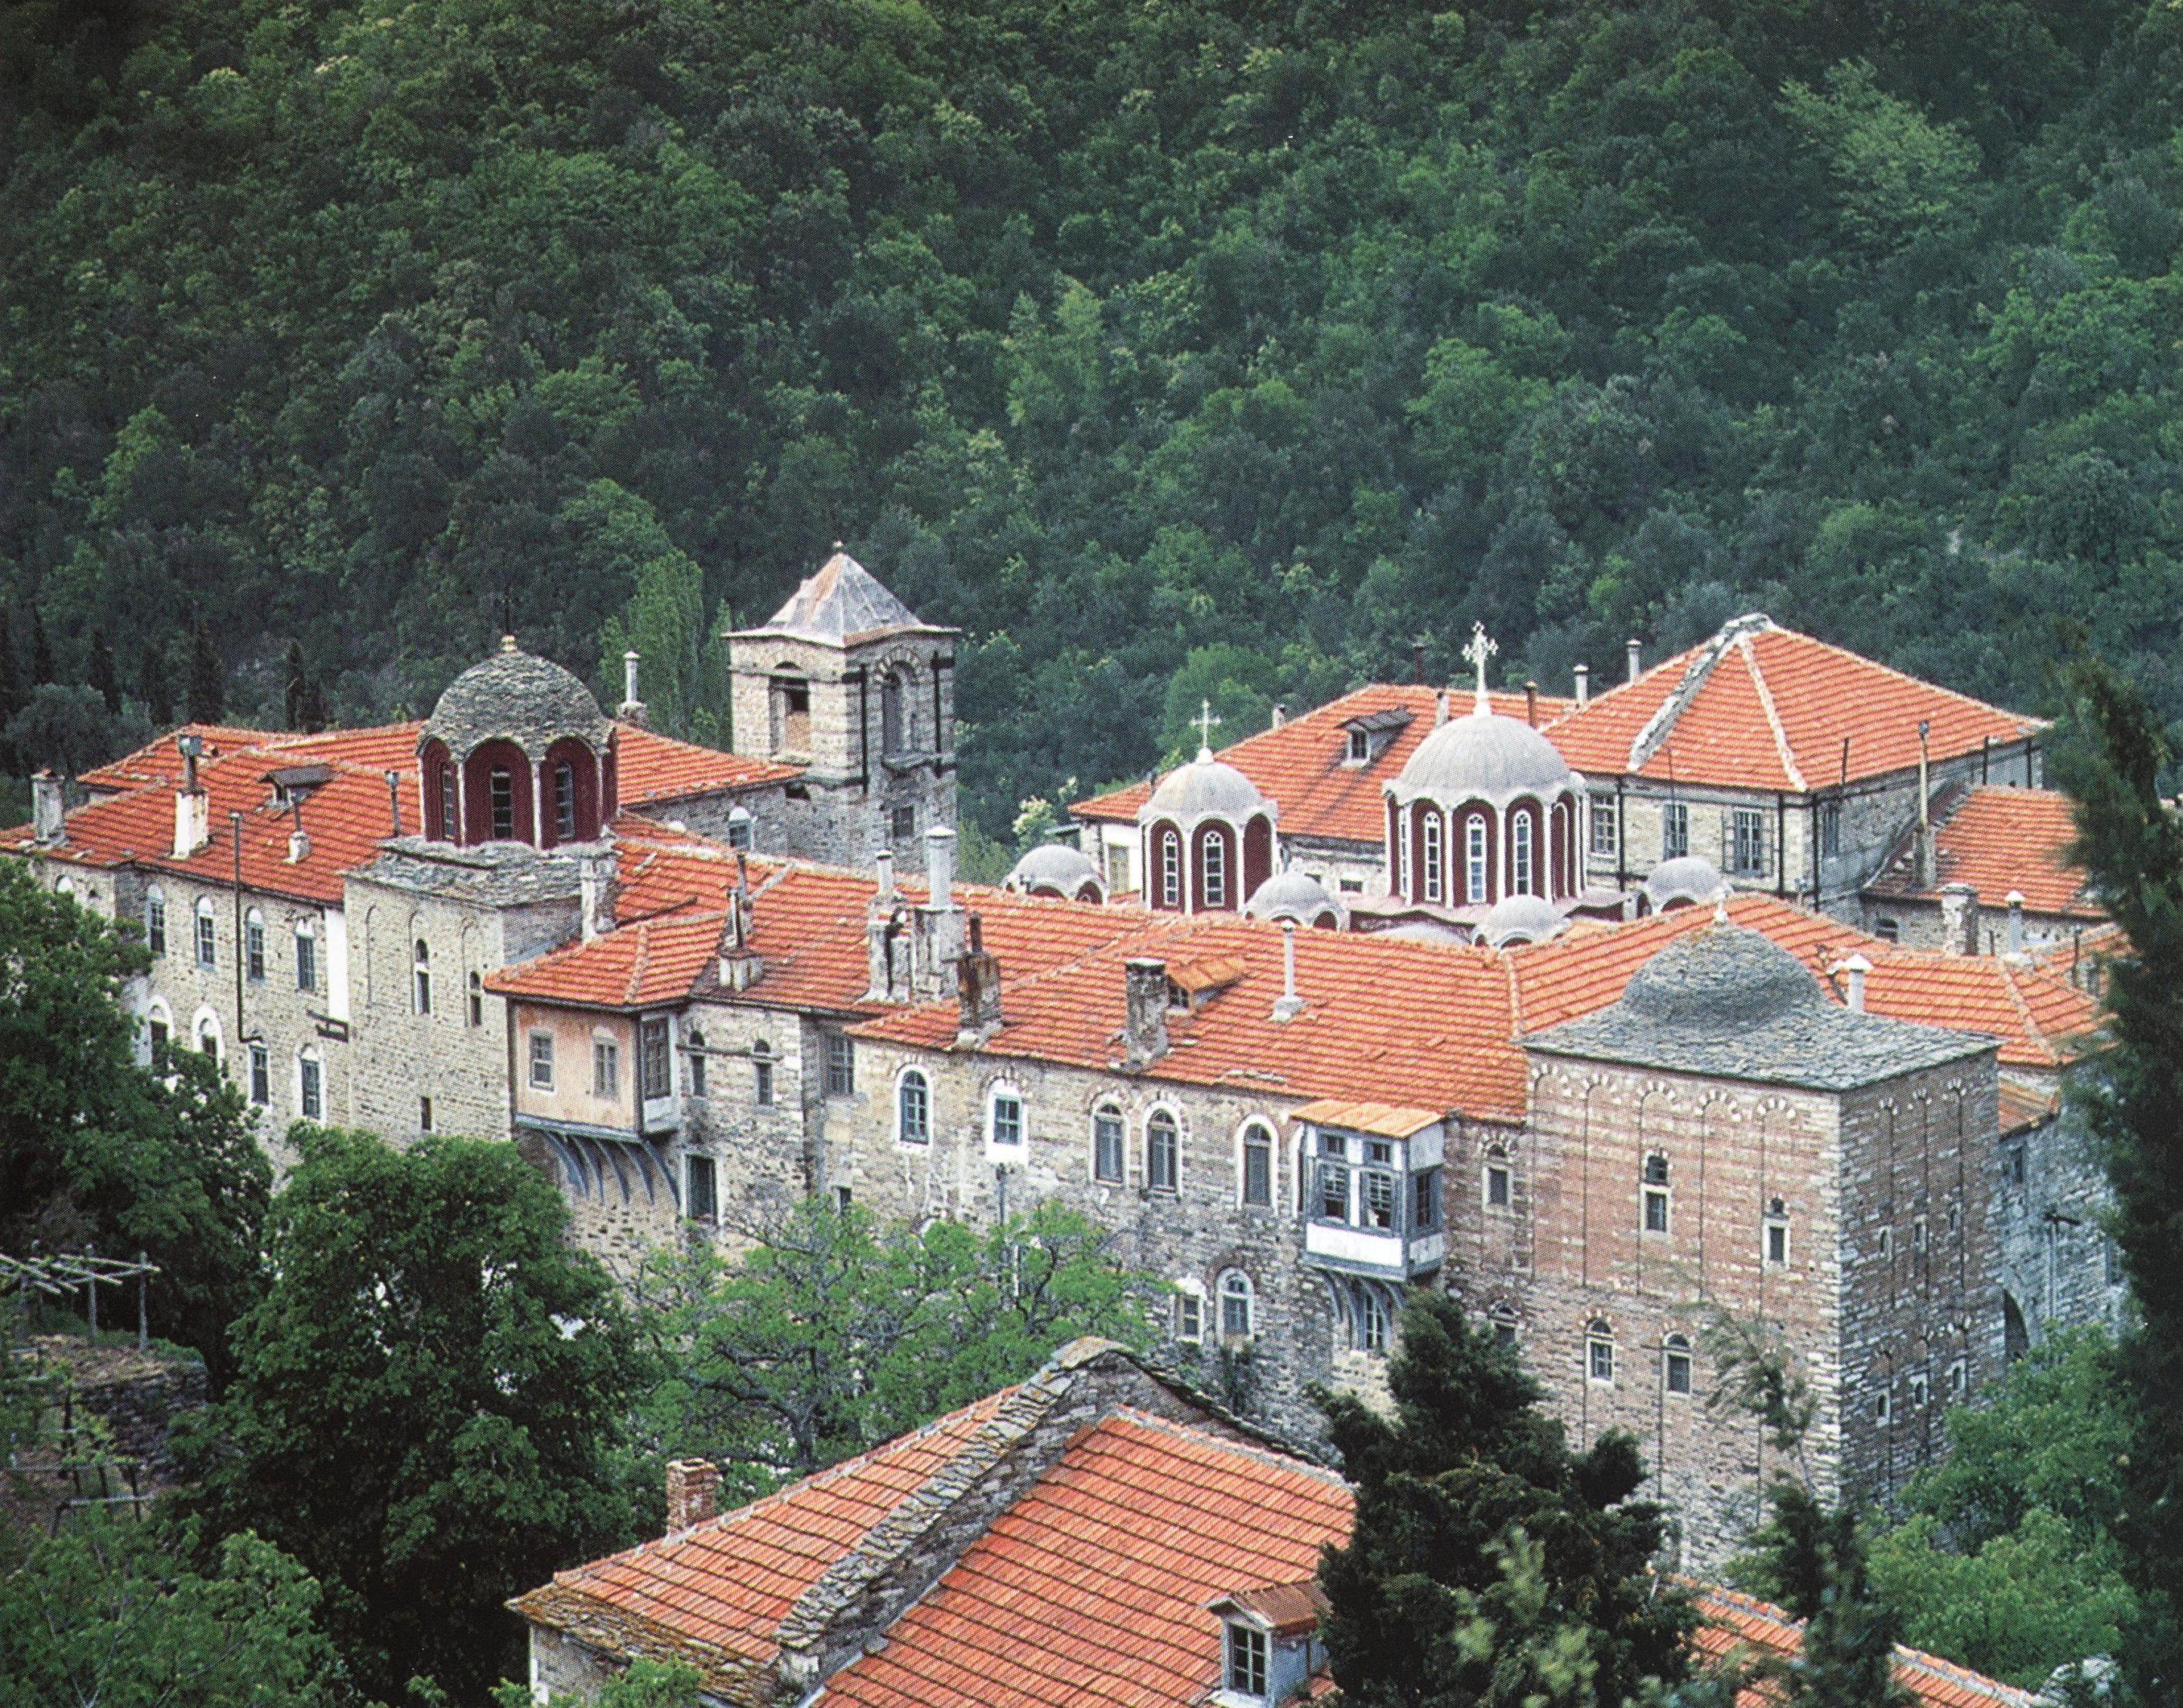 Ιερα Μονή Κωσταμονίτου. Εξωτερική άποψη. Holy Monastery of Kostamonitou. External view.